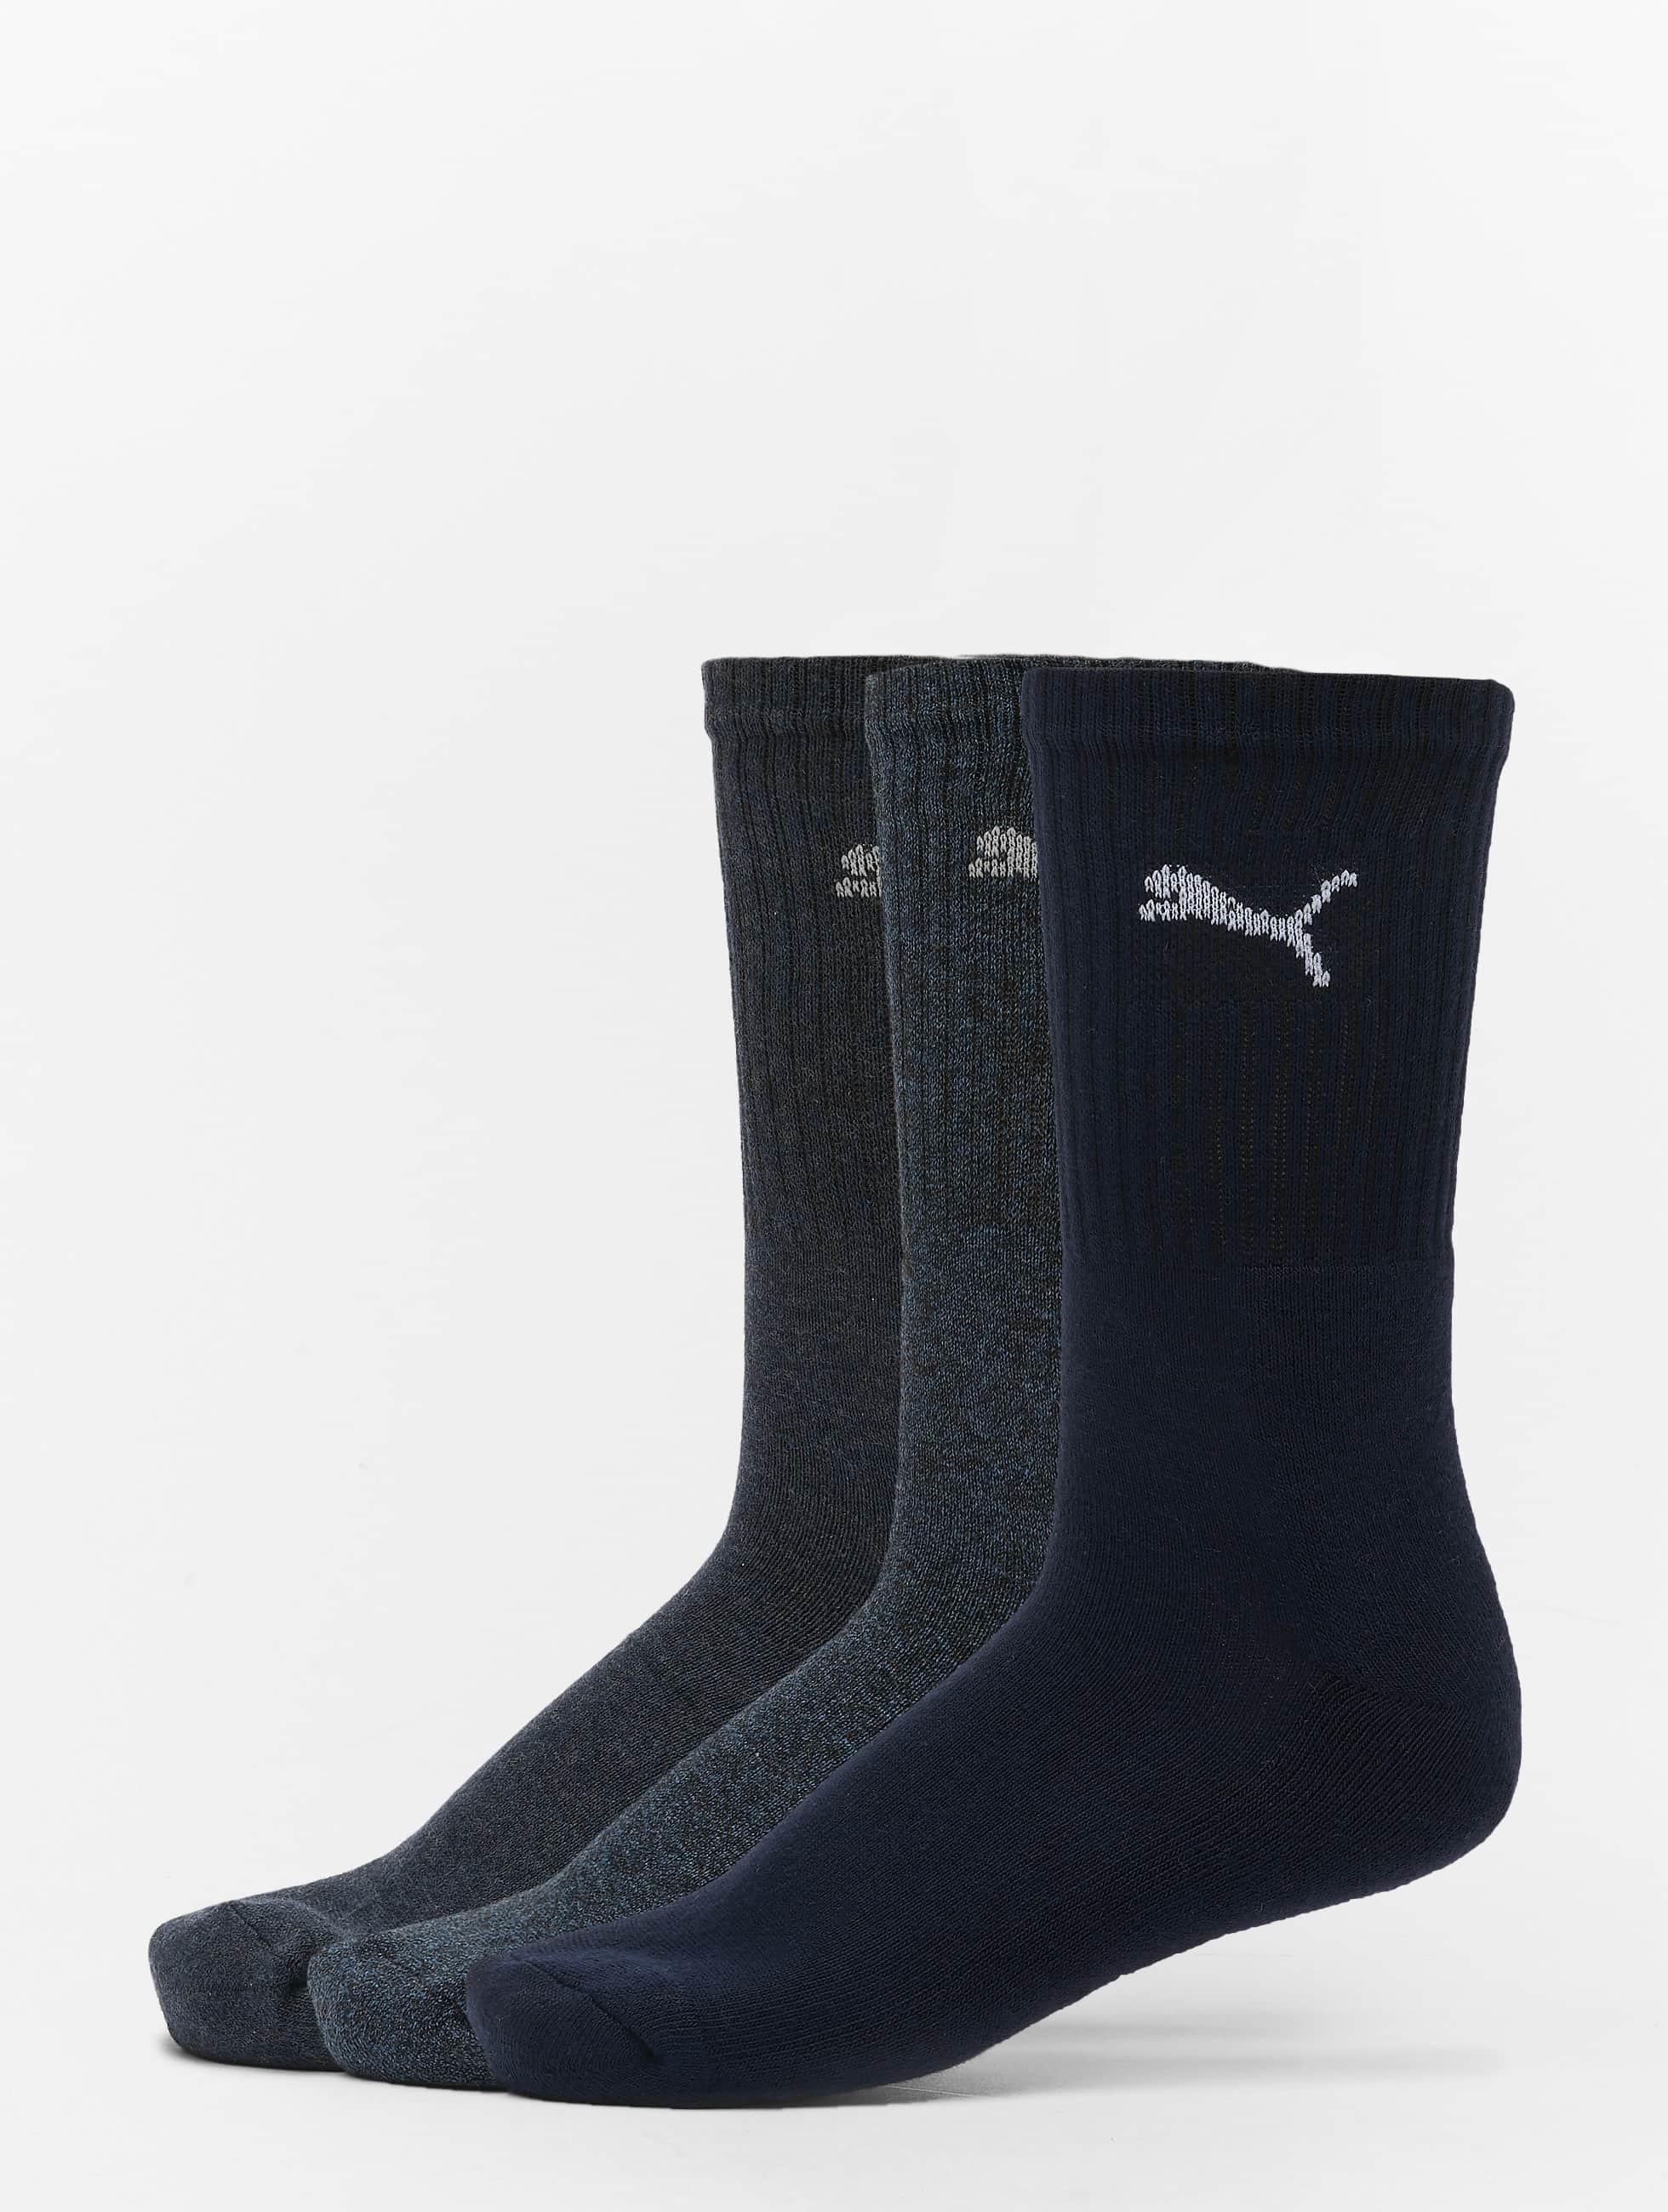 Puma Chaussettes 3-Pack Sport bleu